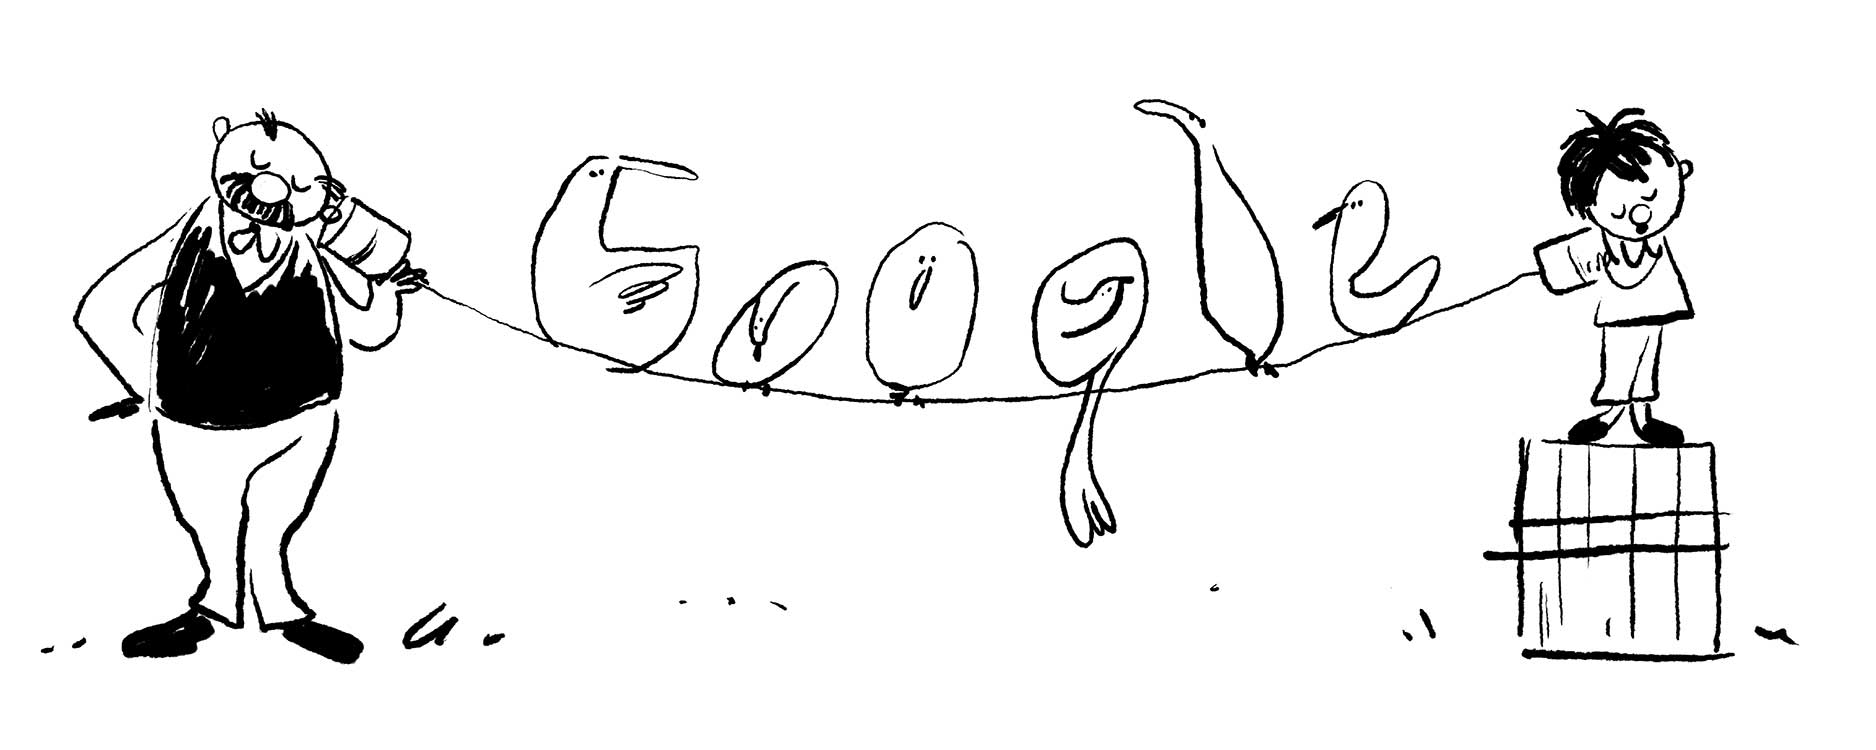 Erich Ohser Doodle Entwurf 1